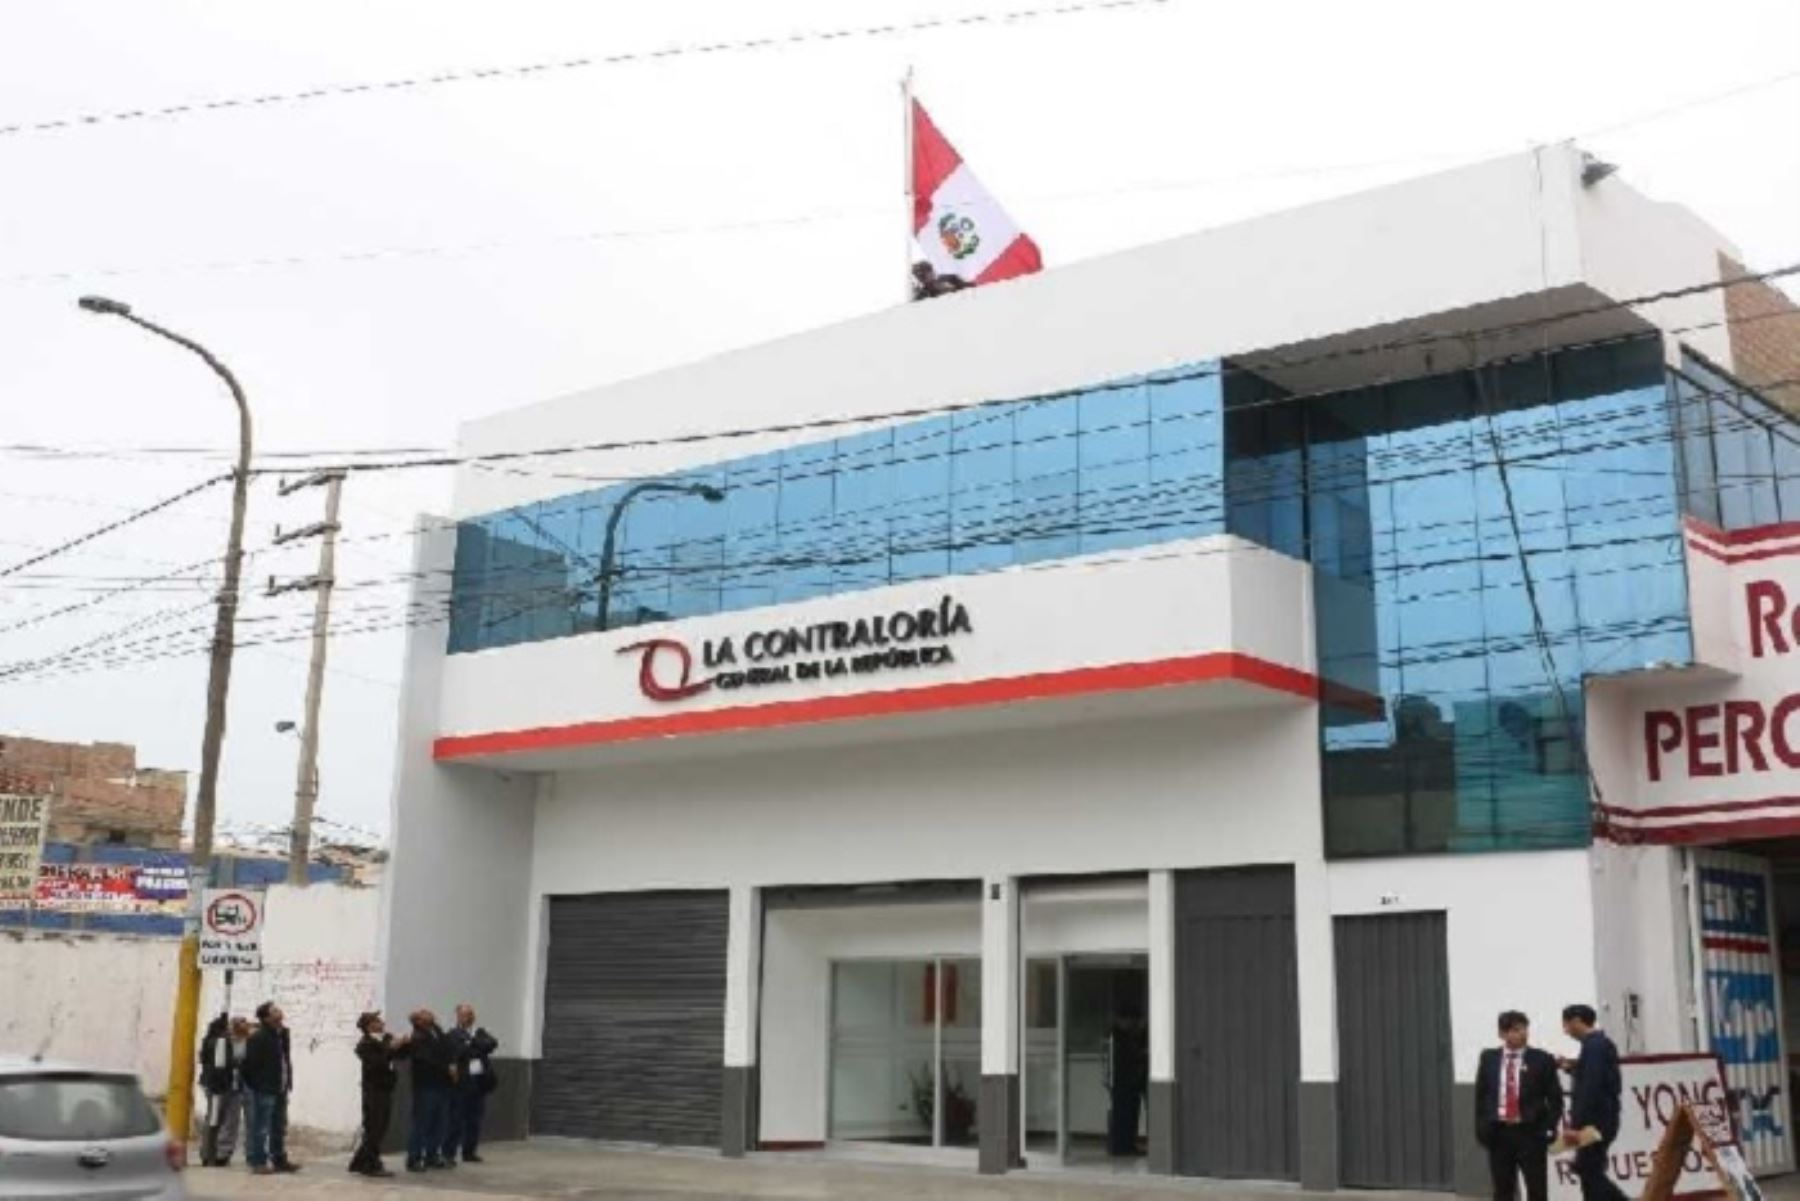 La nueva sede de la Gerencia Regional Lima Provincias está ubicada en la avenida Túpac Amaru 209-211, ciudad de Huacho, provincia de Huaura